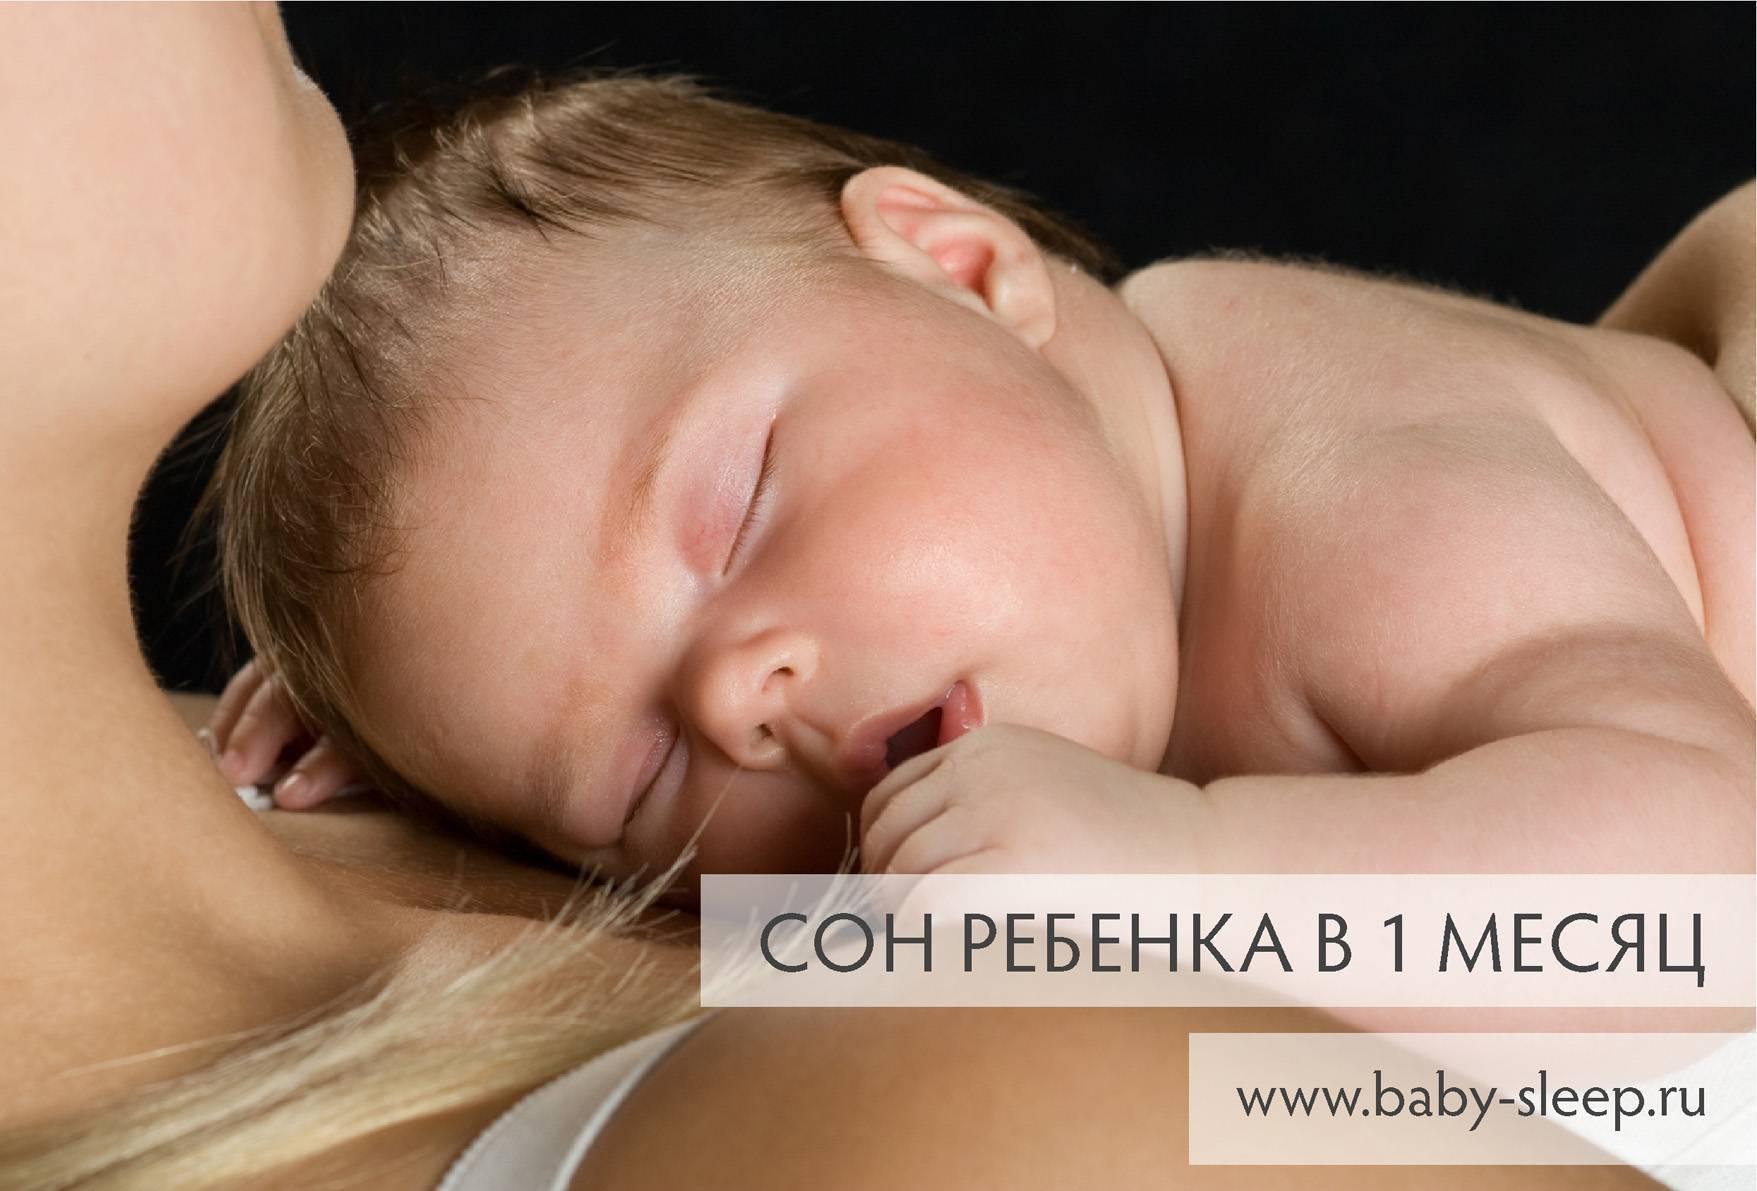 10 советов, как наладить режим сна у ребенка | материнство - беременность, роды, питание, воспитание